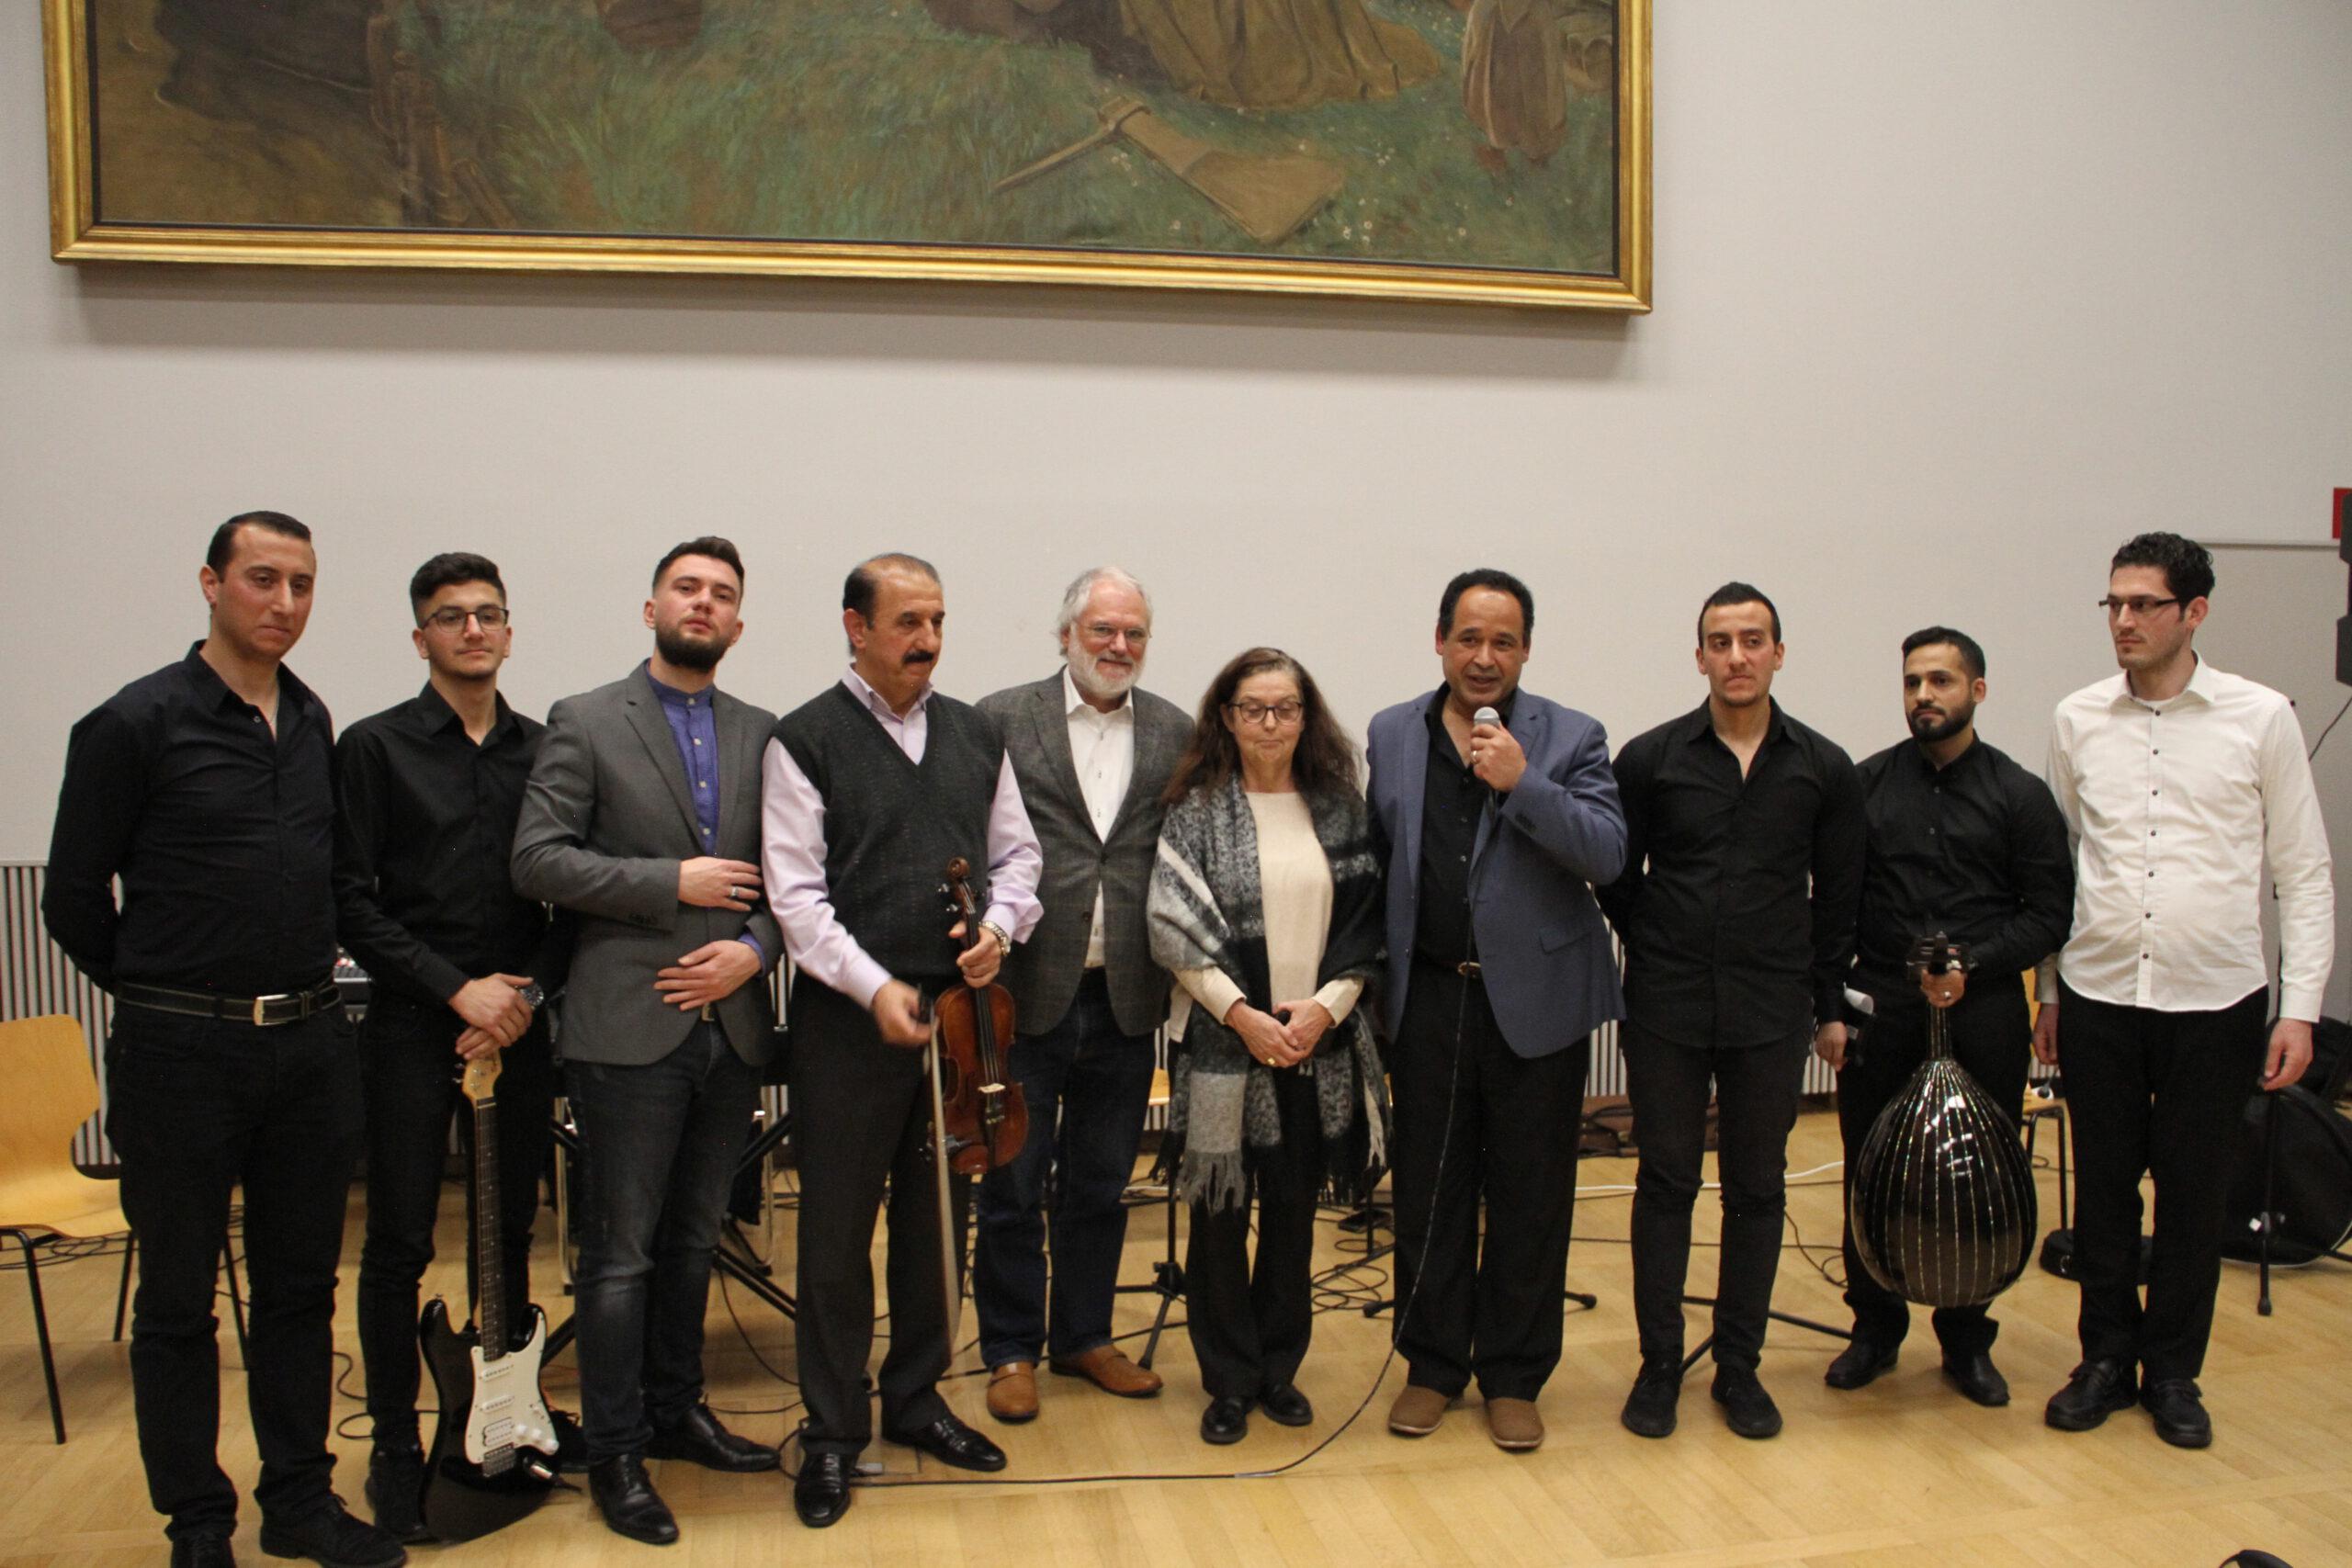 شعراء عرب يقدمون قصائدهم باللغة الألمانية